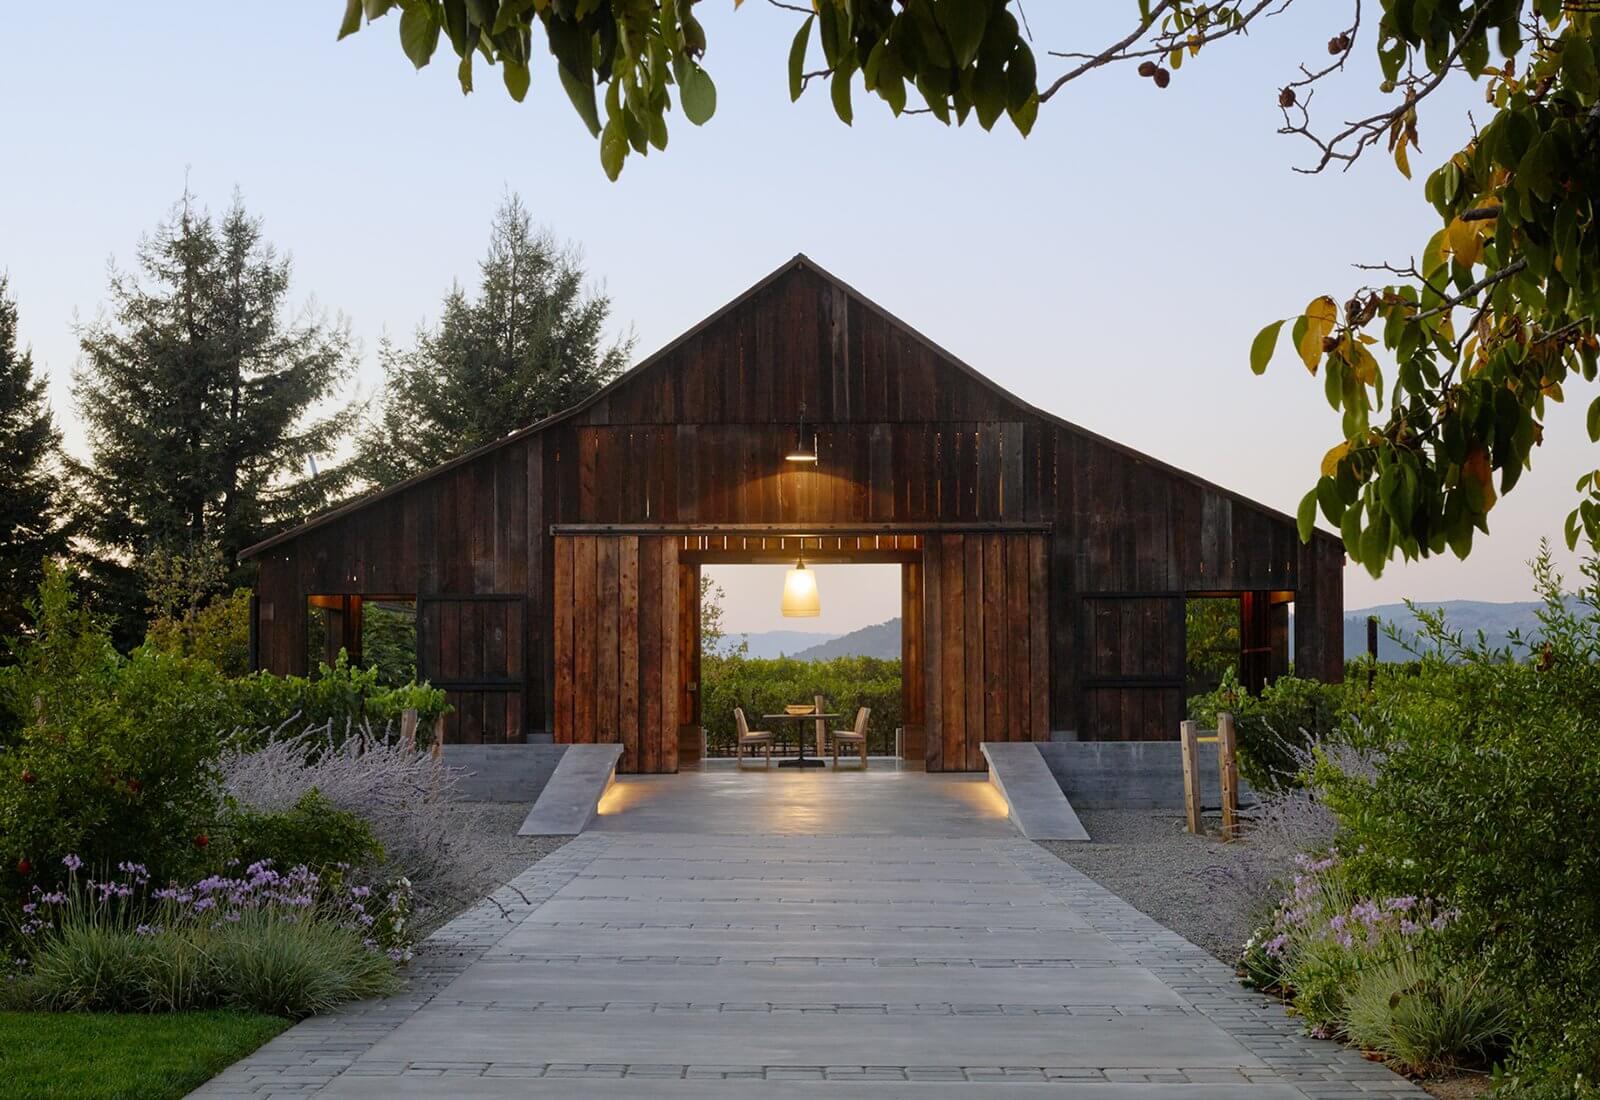 Big Ranch Road Art + Architecture Tour